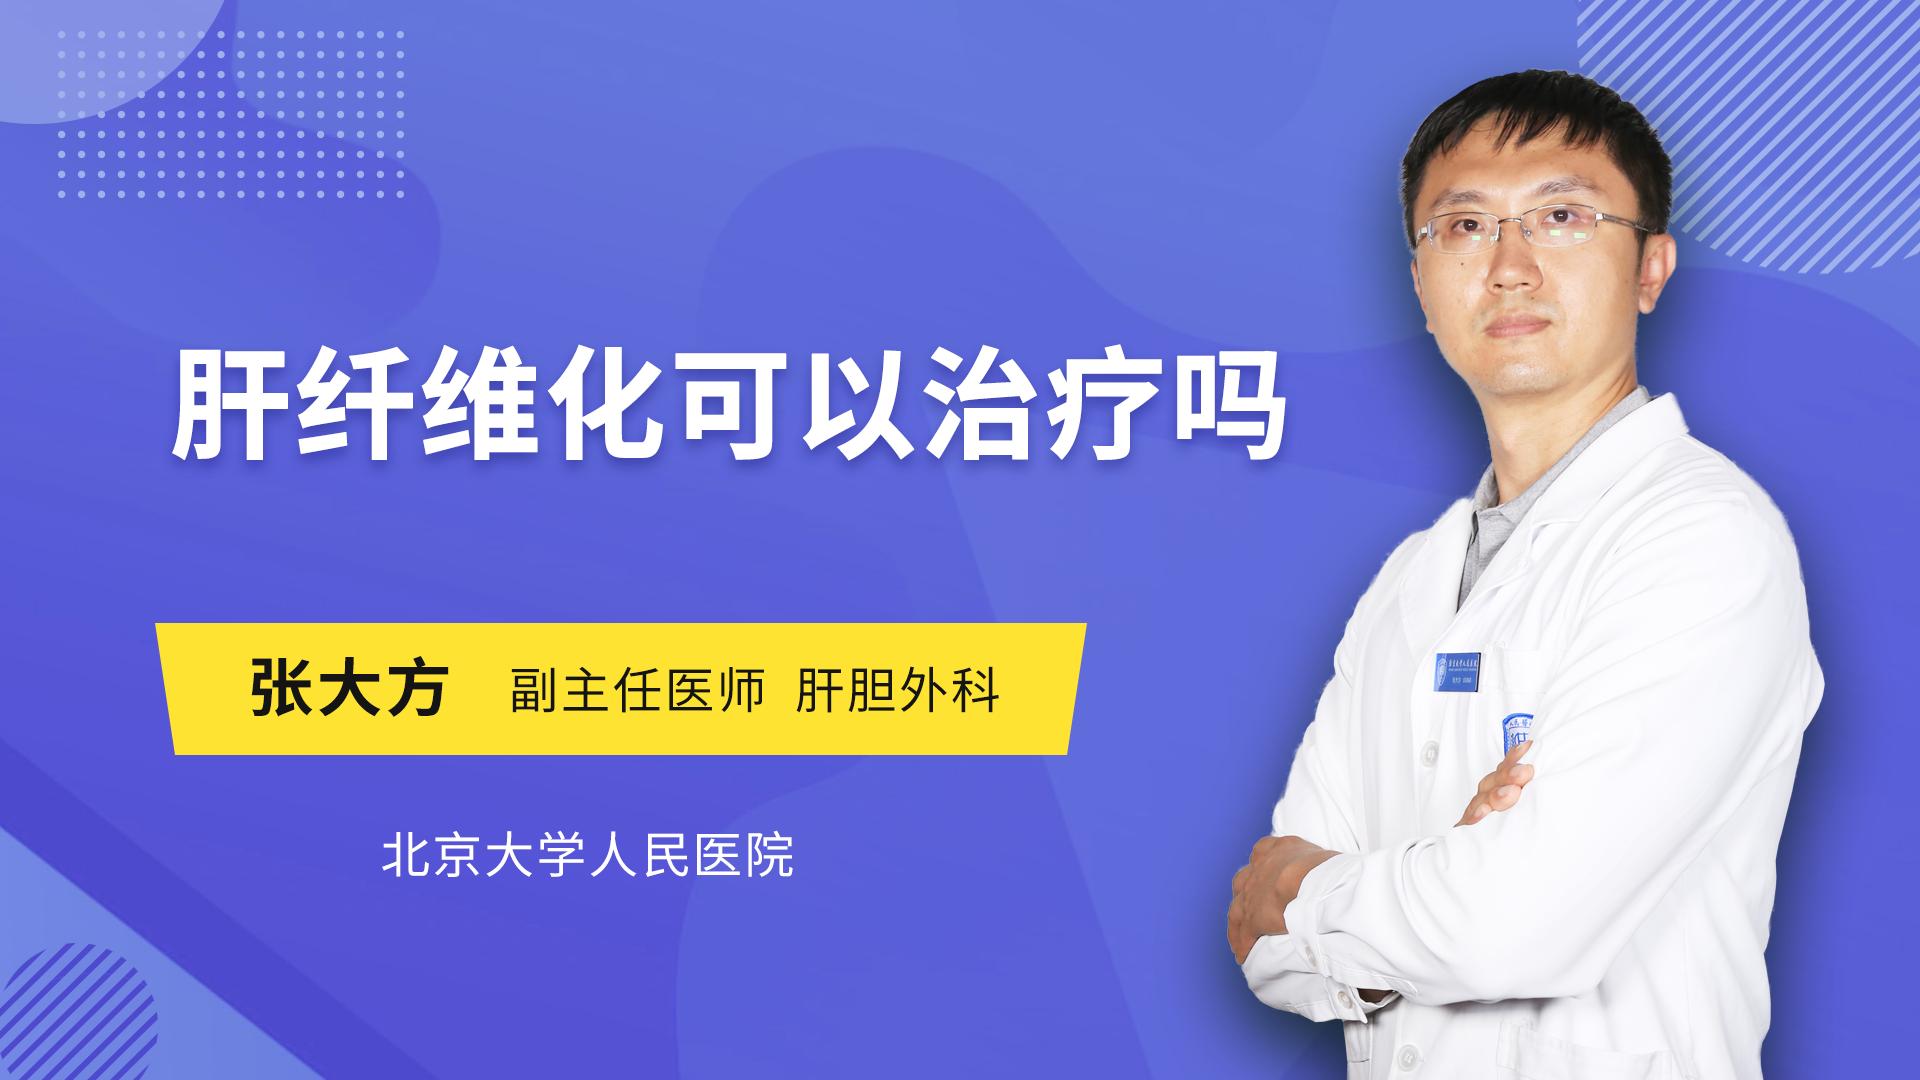 肝纤维化可以治疗吗